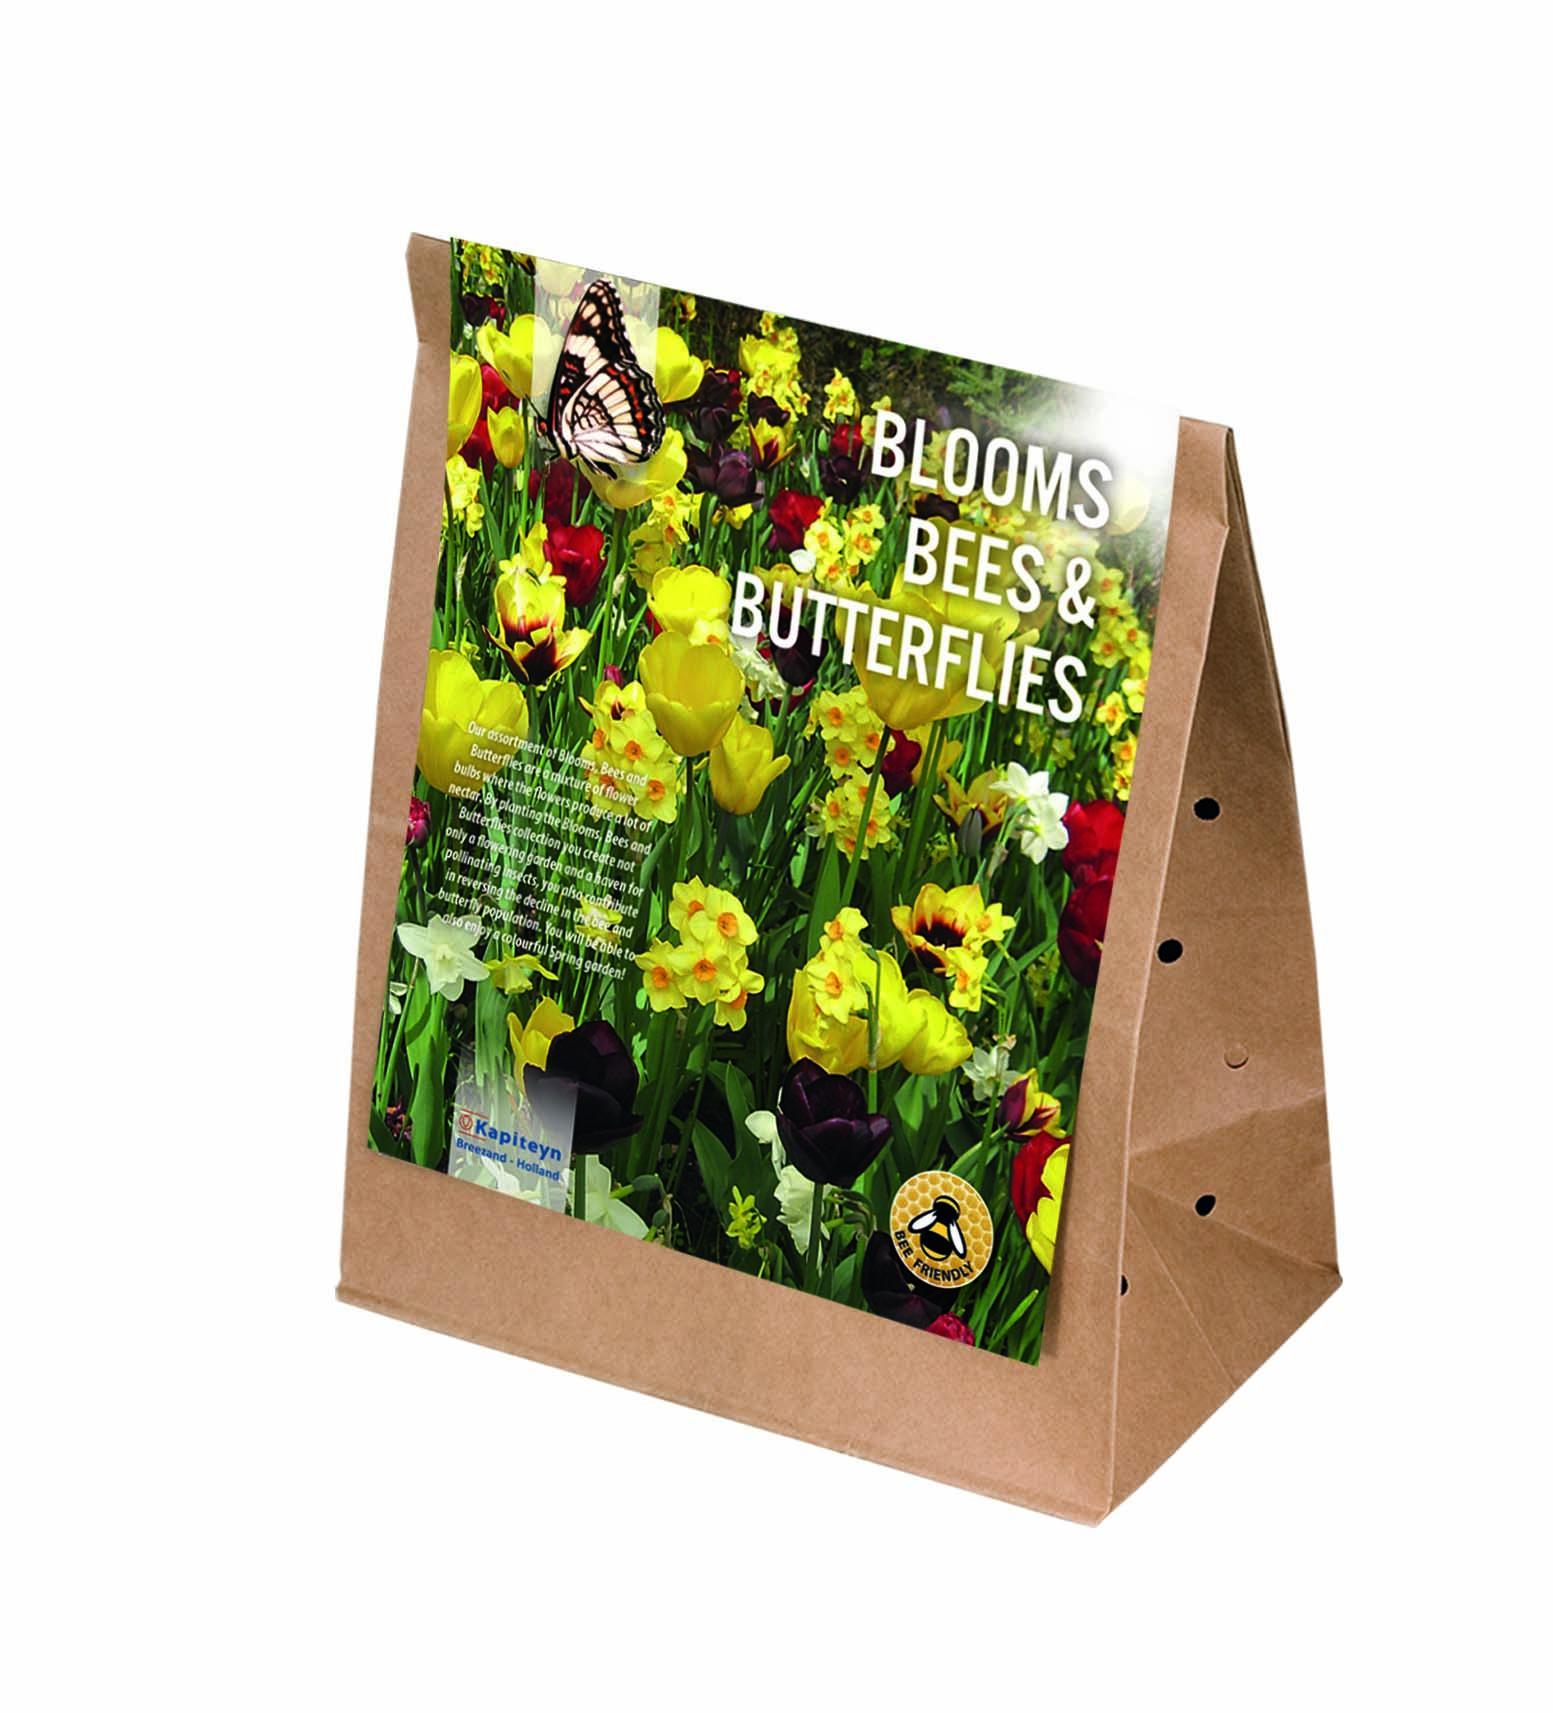 Пакет медоносни луковични цветя ЖЪЛТИ И КАФЯВИ ЦВЕТОВЕ 25бр.